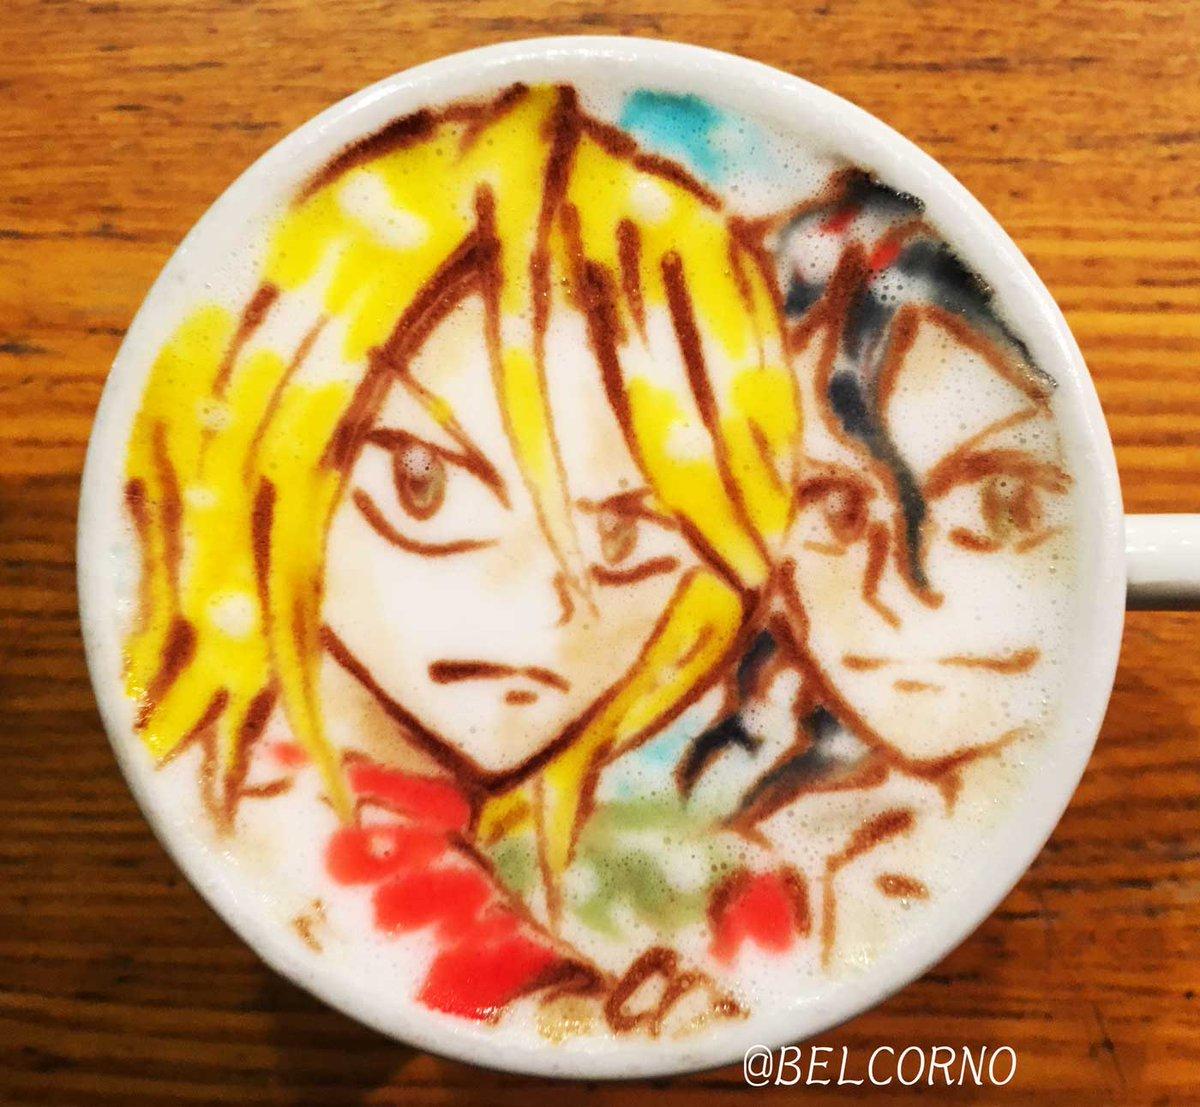 ラテアート【青八木 一】LatteArt【Yowamushi Pedal】本日お誕生日で一杯。Happy Birthda